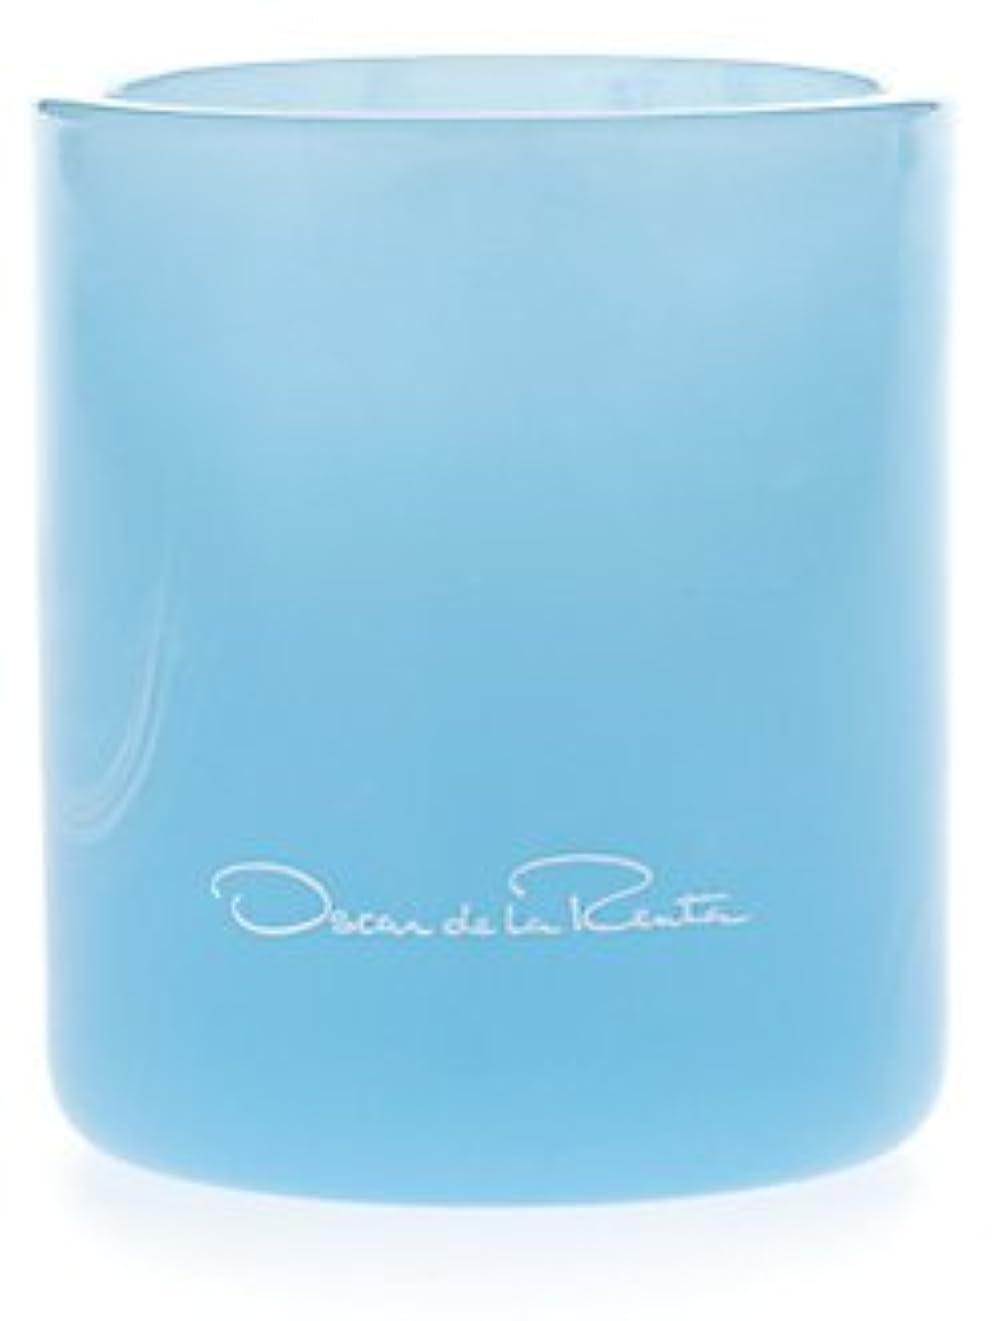 賛美歌世界に死んだ計器Something Blue (サムシング?ブルー) 7.0 oz (210ml) Candle by Oscar de la Renta for Women